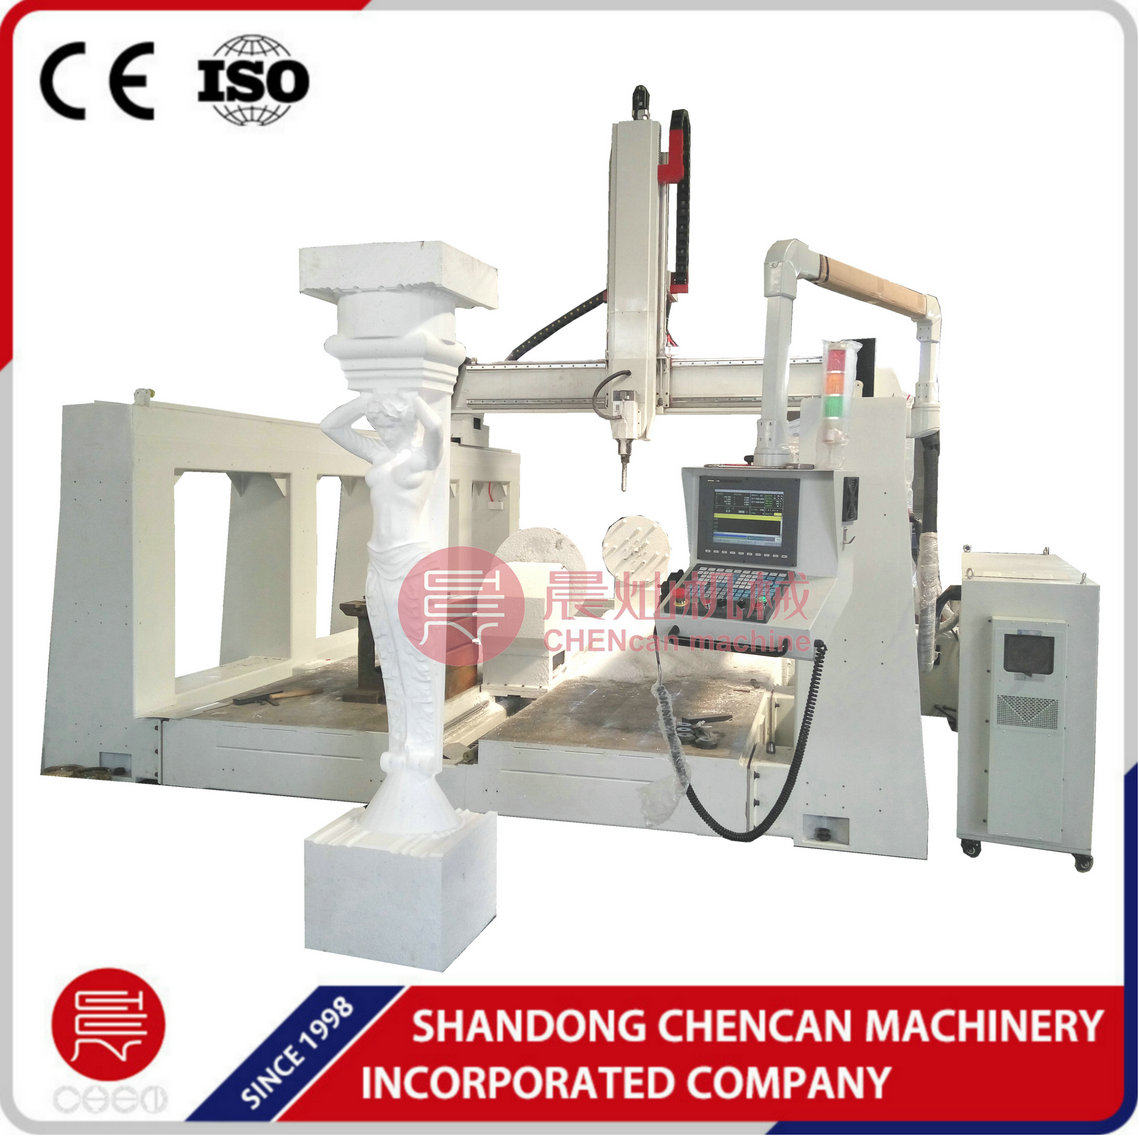 cnc machine center CNC Routers for 3d sculpture foam carving